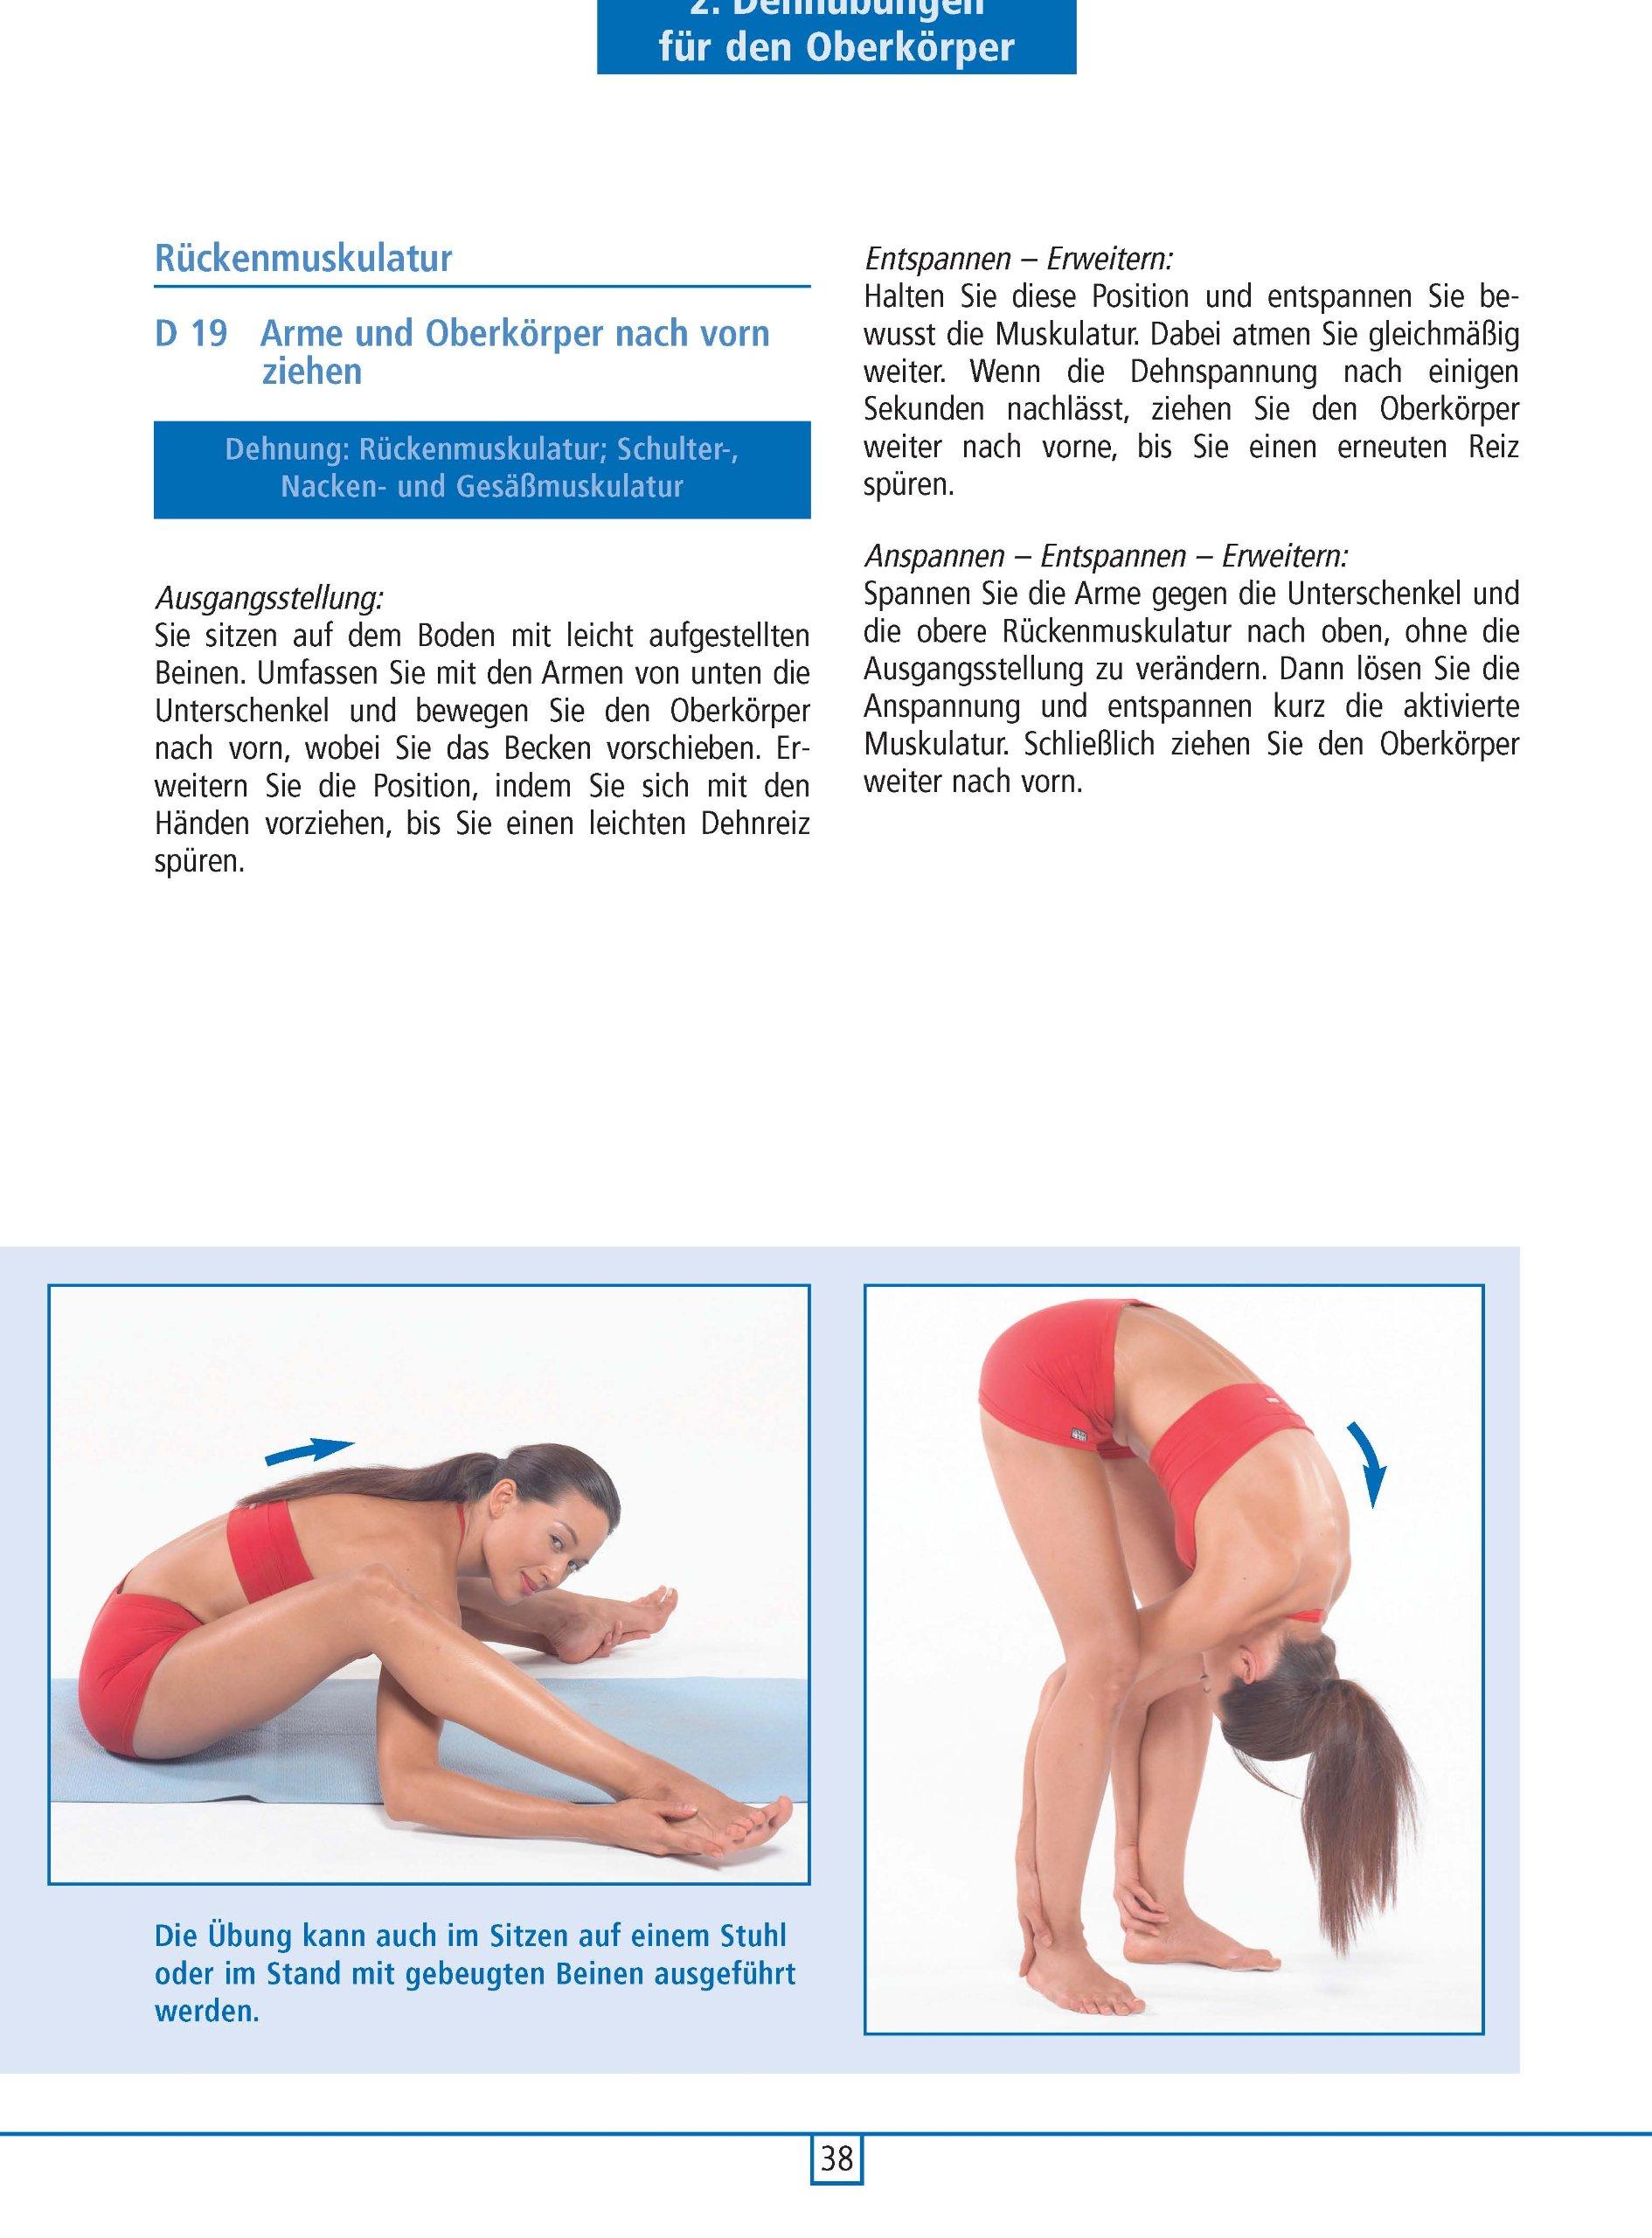 Erfreut Schulter Rückenmuskulatur Fotos - Menschliche Anatomie ...